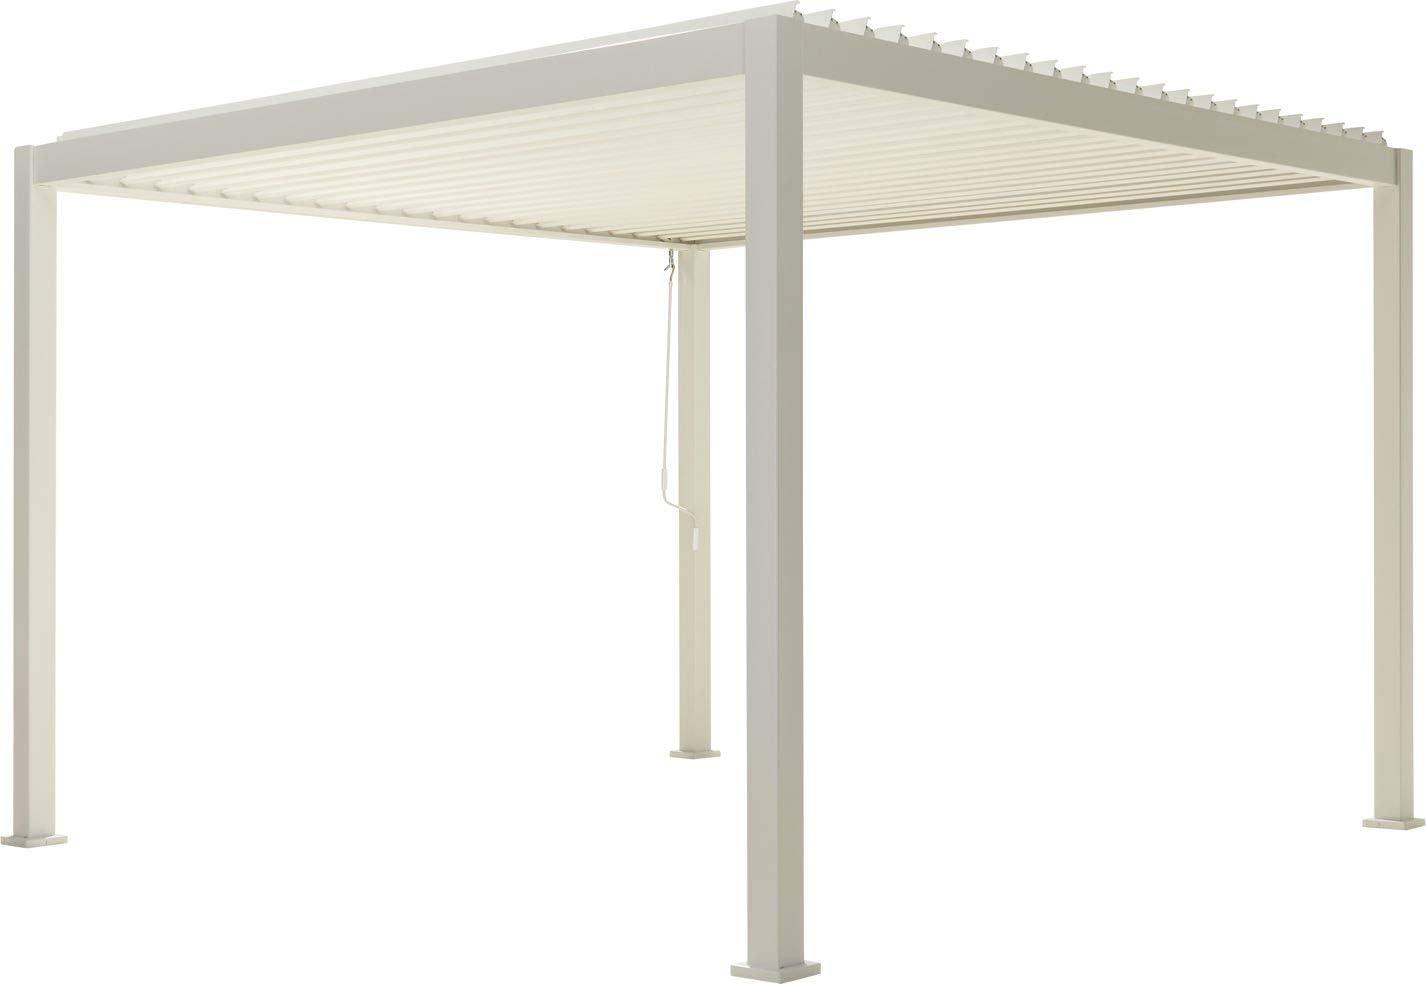 SORARA Mirador Pergola – Cubierta con láminas abatibles – Blanco – 3,6 x 3,6 m